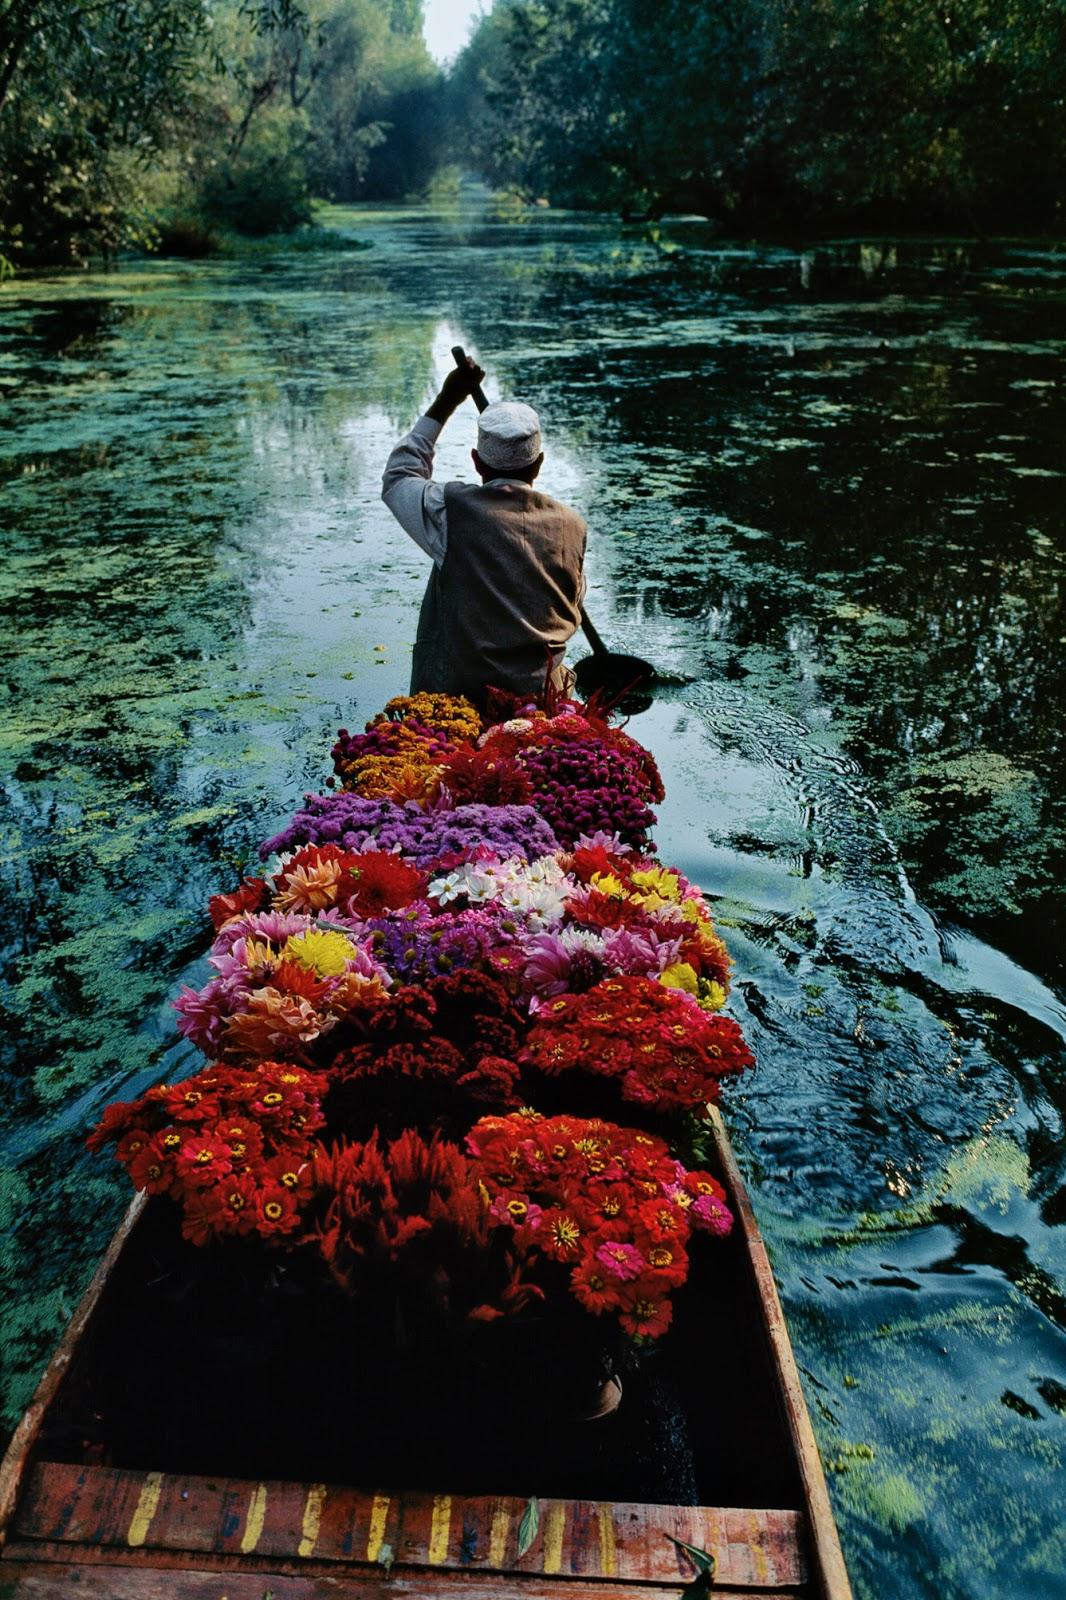 Kashmir, 1996, flowers, boat